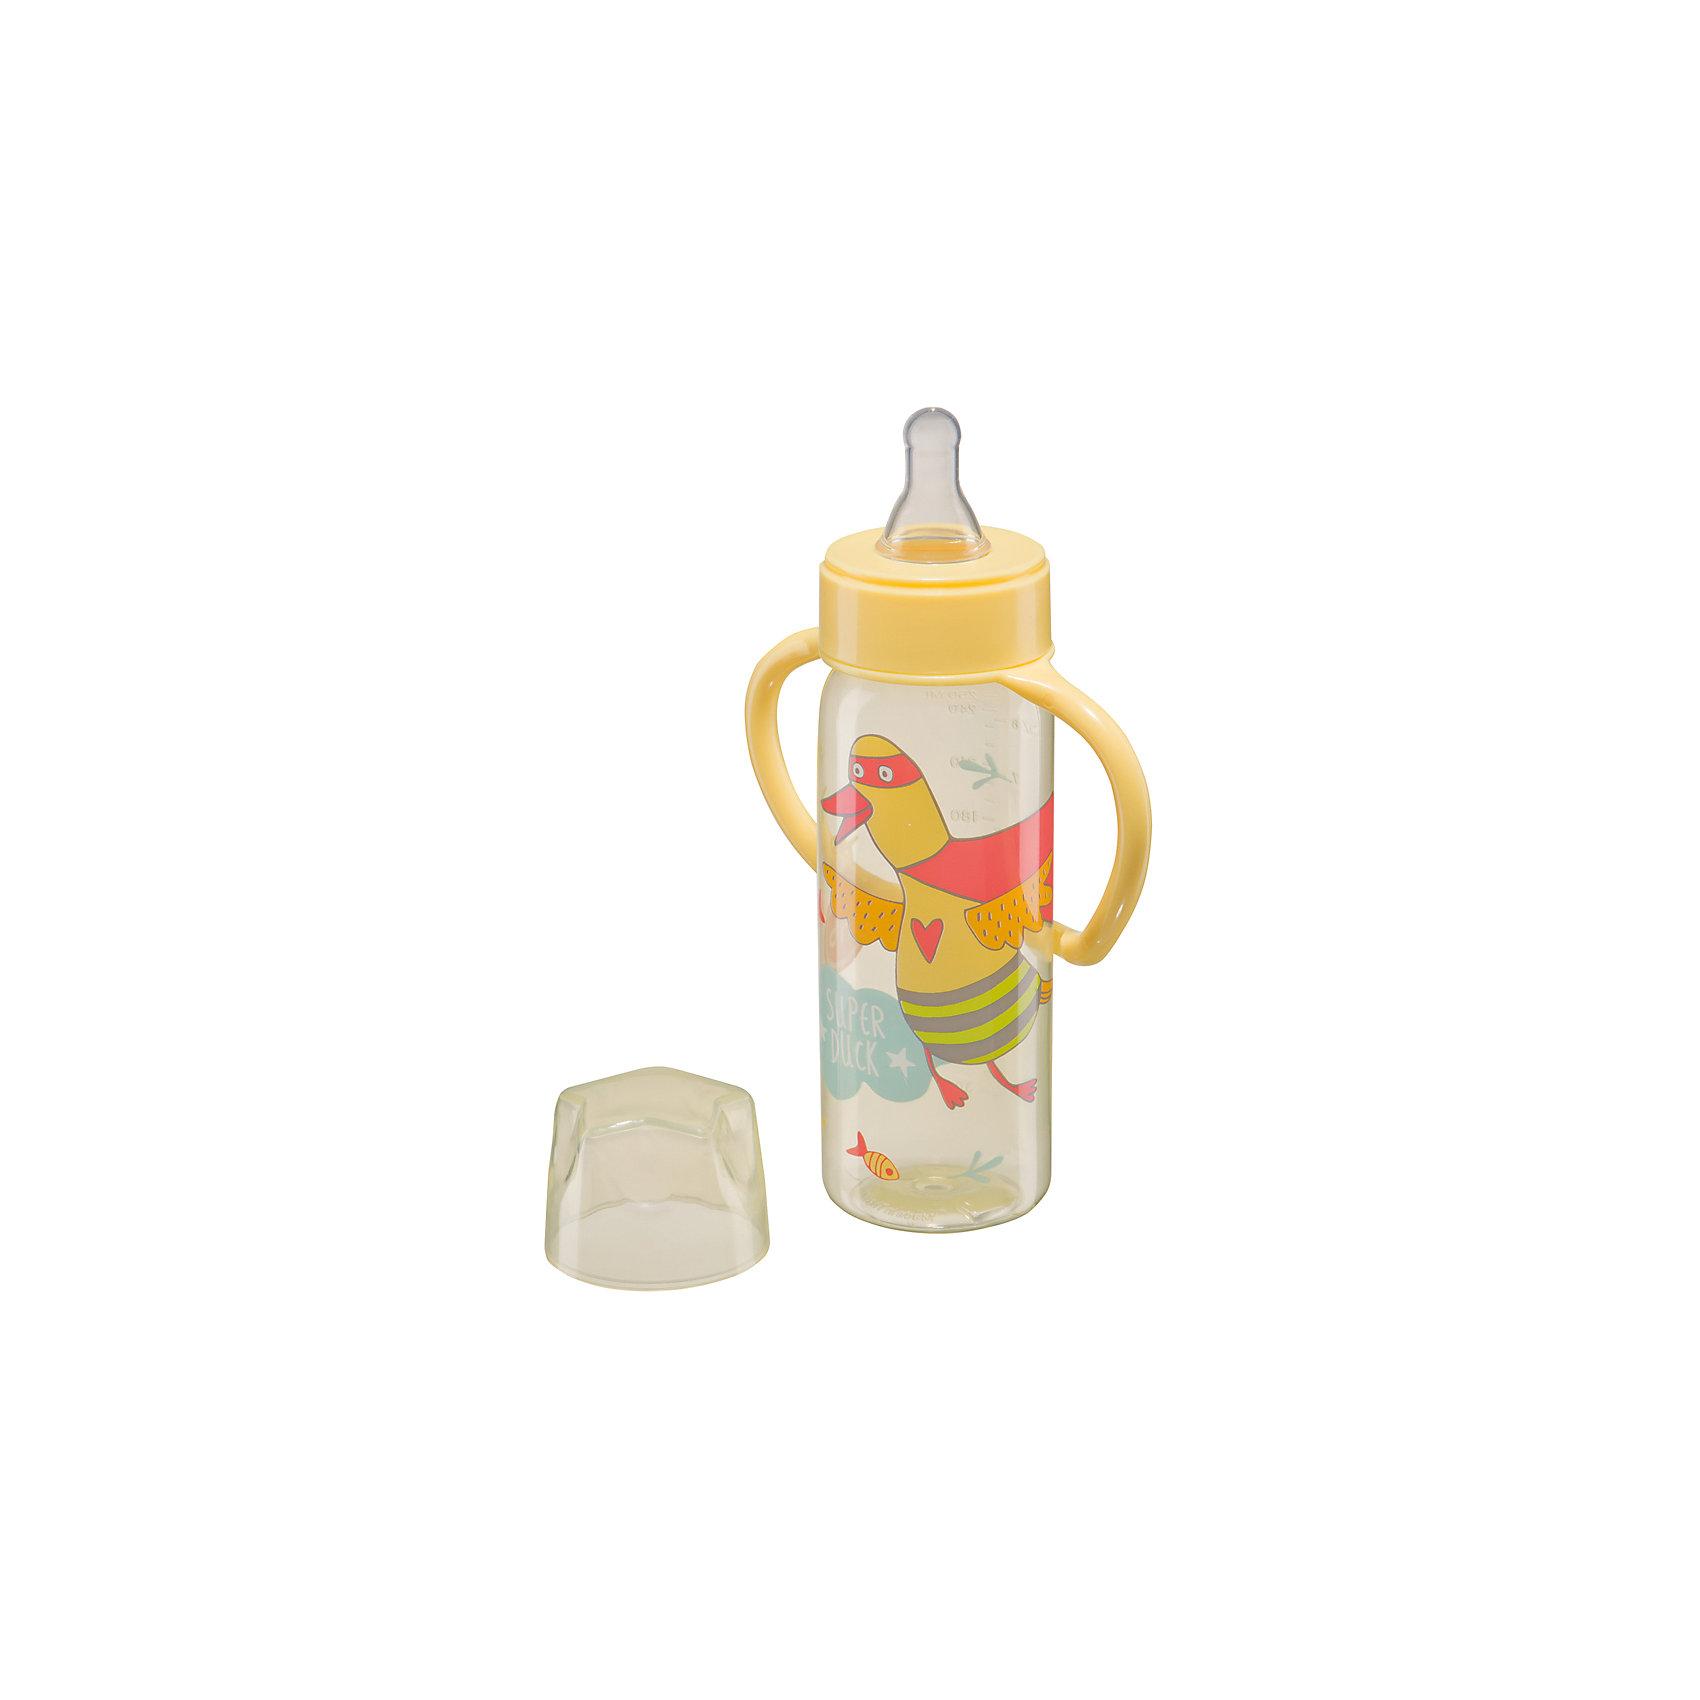 Бутылочка для кормления с ручками, 250 мл, Happy Baby, желтый210 - 281 мл.<br>Яркая желтая бутылка  для кормления с ручками, 250 мл, Happy Baby, желтый с оригинальным рисунком - отличный вариант посуды для питья и кормления. Бутылочка для кормления с ручками Drink Up от Happy Baby желтый, поэтому маме легко контролировать количество жидкости в бутылке. Благодаря съемным ручкам и специальной изогнутой форме, бутылку удобно использовать, как в дороге, так и дома.<br>Горлышко - широкое, поэтому ребенку будет максимально легко и удобно пить молоко, воду, соки и прочие жидкости. Бутылочка имеет объем, равный 250 мл., шкала разбита на отрезки по 30 мл. В комплект входит бутылочка с герметичной крышкой и две съемные соски.<br><br>Дополнительная информация:<br><br>- эргономичные ручки<br>- герметичная крышка<br>- ручки легко снимаются<br>- шкала с делениями в 30 мл.<br>- медленный поток<br>- материал: полипропилен, силикон<br>- материал: соски : силикон<br>- объем бутылочки: 250 мл.<br><br>Бутылочку для кормления с ручками, 250 мл, Happy Baby, желтый можно купить в нашем интернет-магазине.<br><br>Ширина мм: 65<br>Глубина мм: 120<br>Высота мм: 275<br>Вес г: 75<br>Возраст от месяцев: 0<br>Возраст до месяцев: 12<br>Пол: Унисекс<br>Возраст: Детский<br>SKU: 4696780